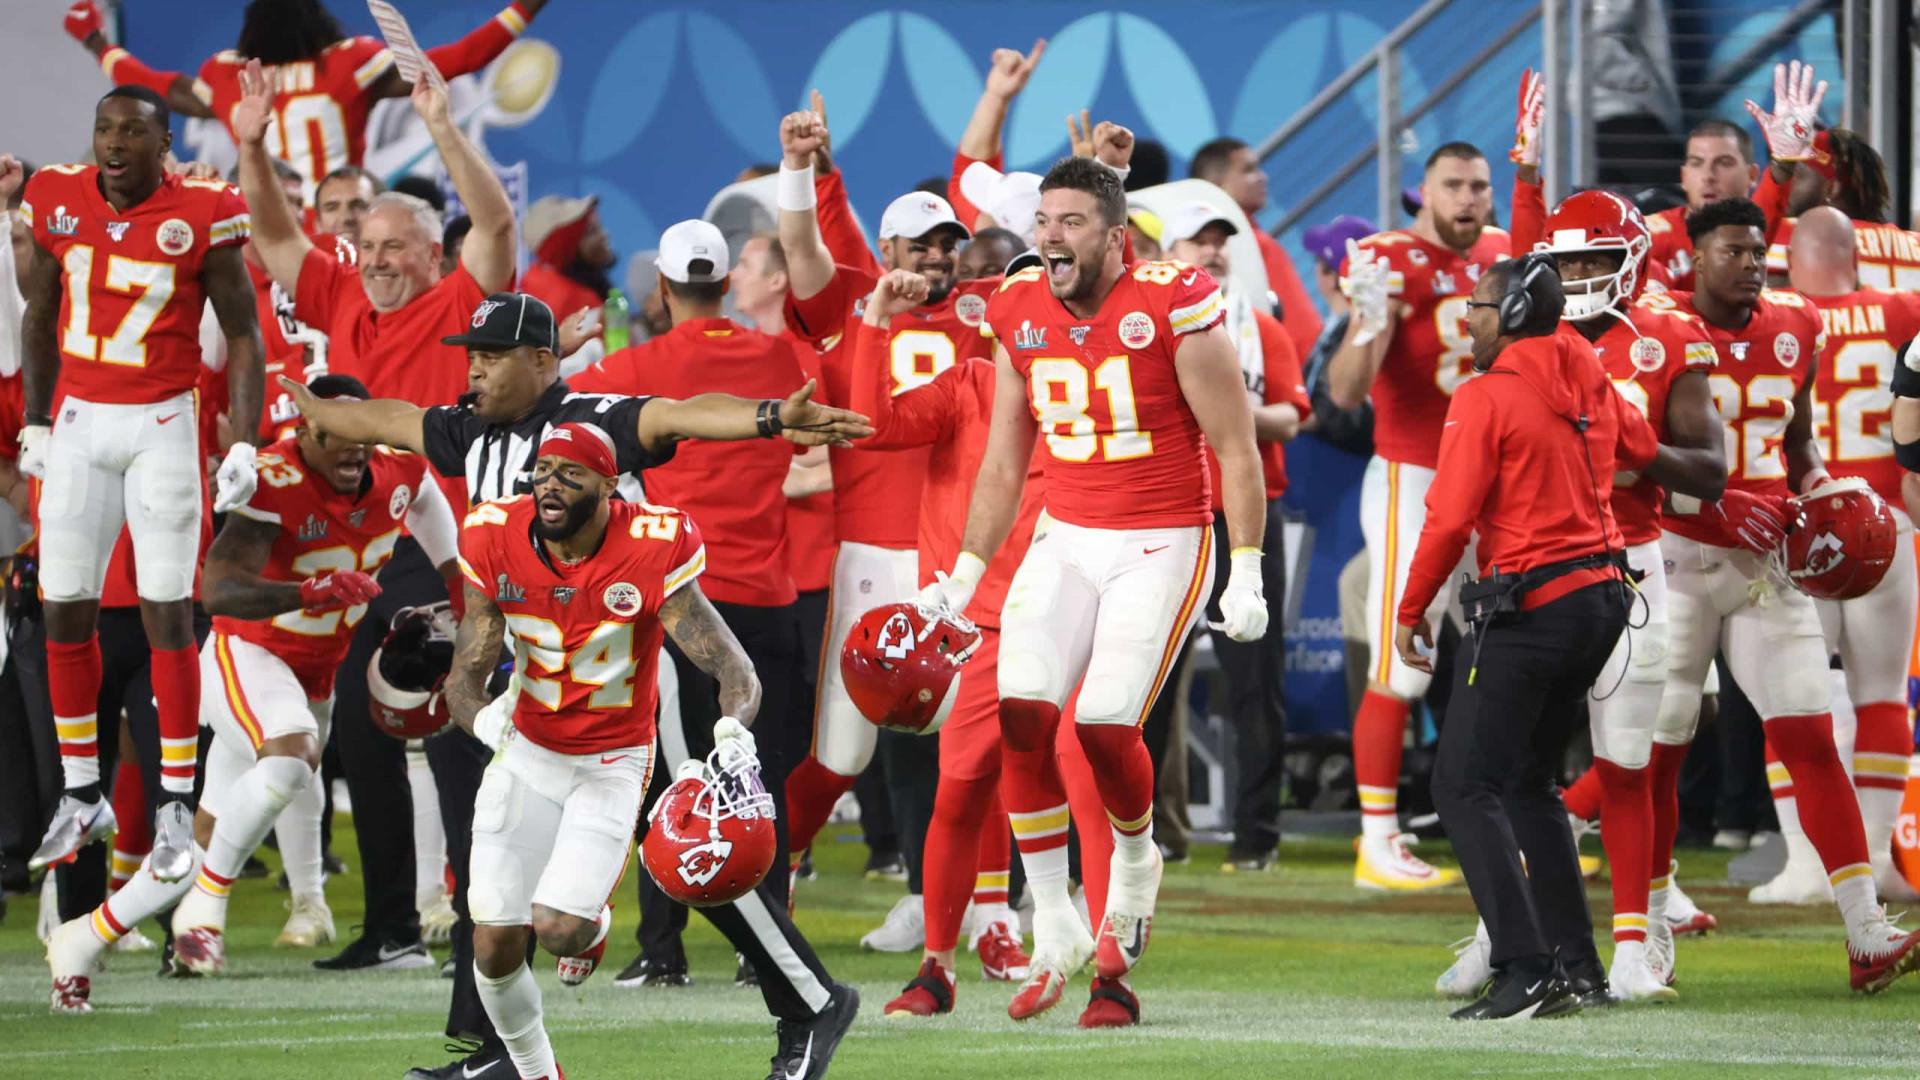 Com genialidade de Mahomes, Kansas City Chiefs conquista o Super Bowl